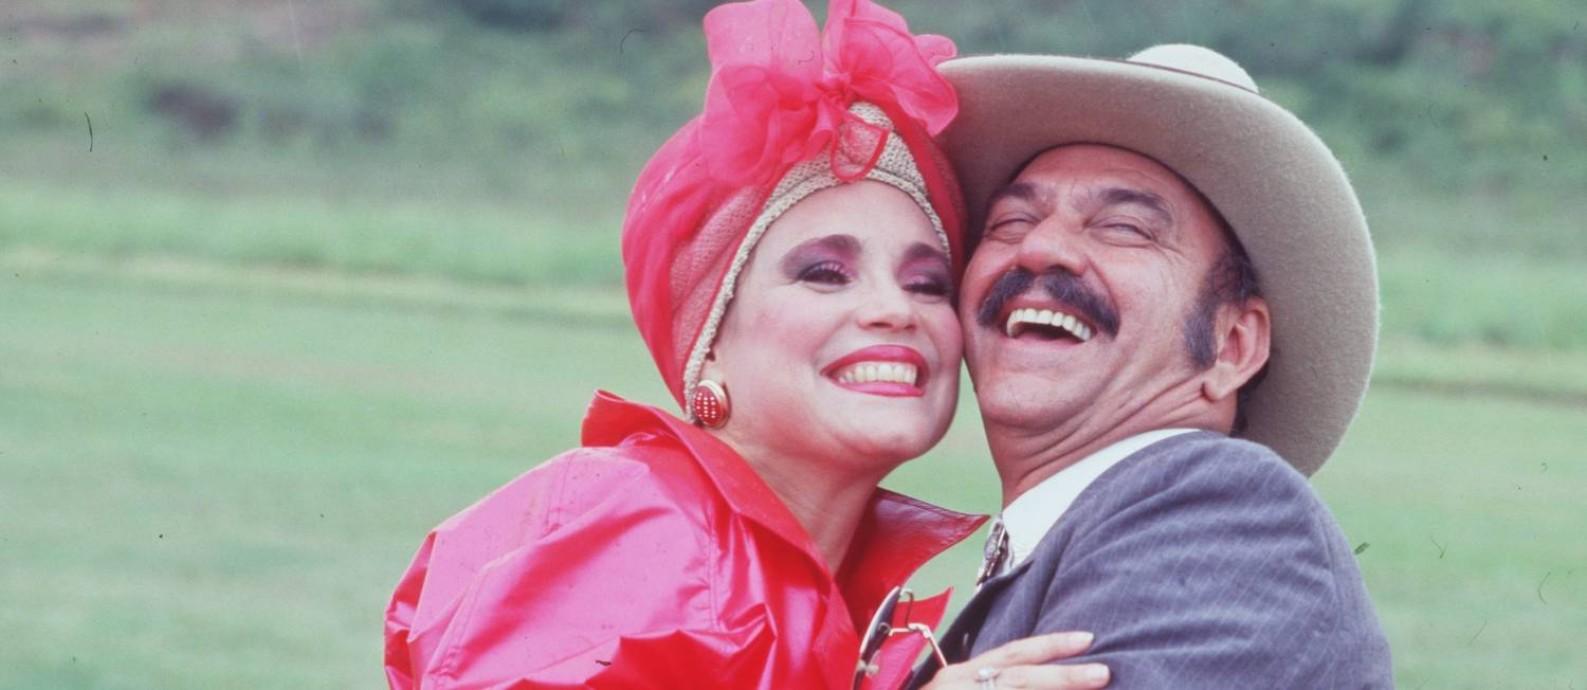 Regina Duarte e Lime Duarte em 'Roque Santeiro' Foto: Reprodução / Reprodução